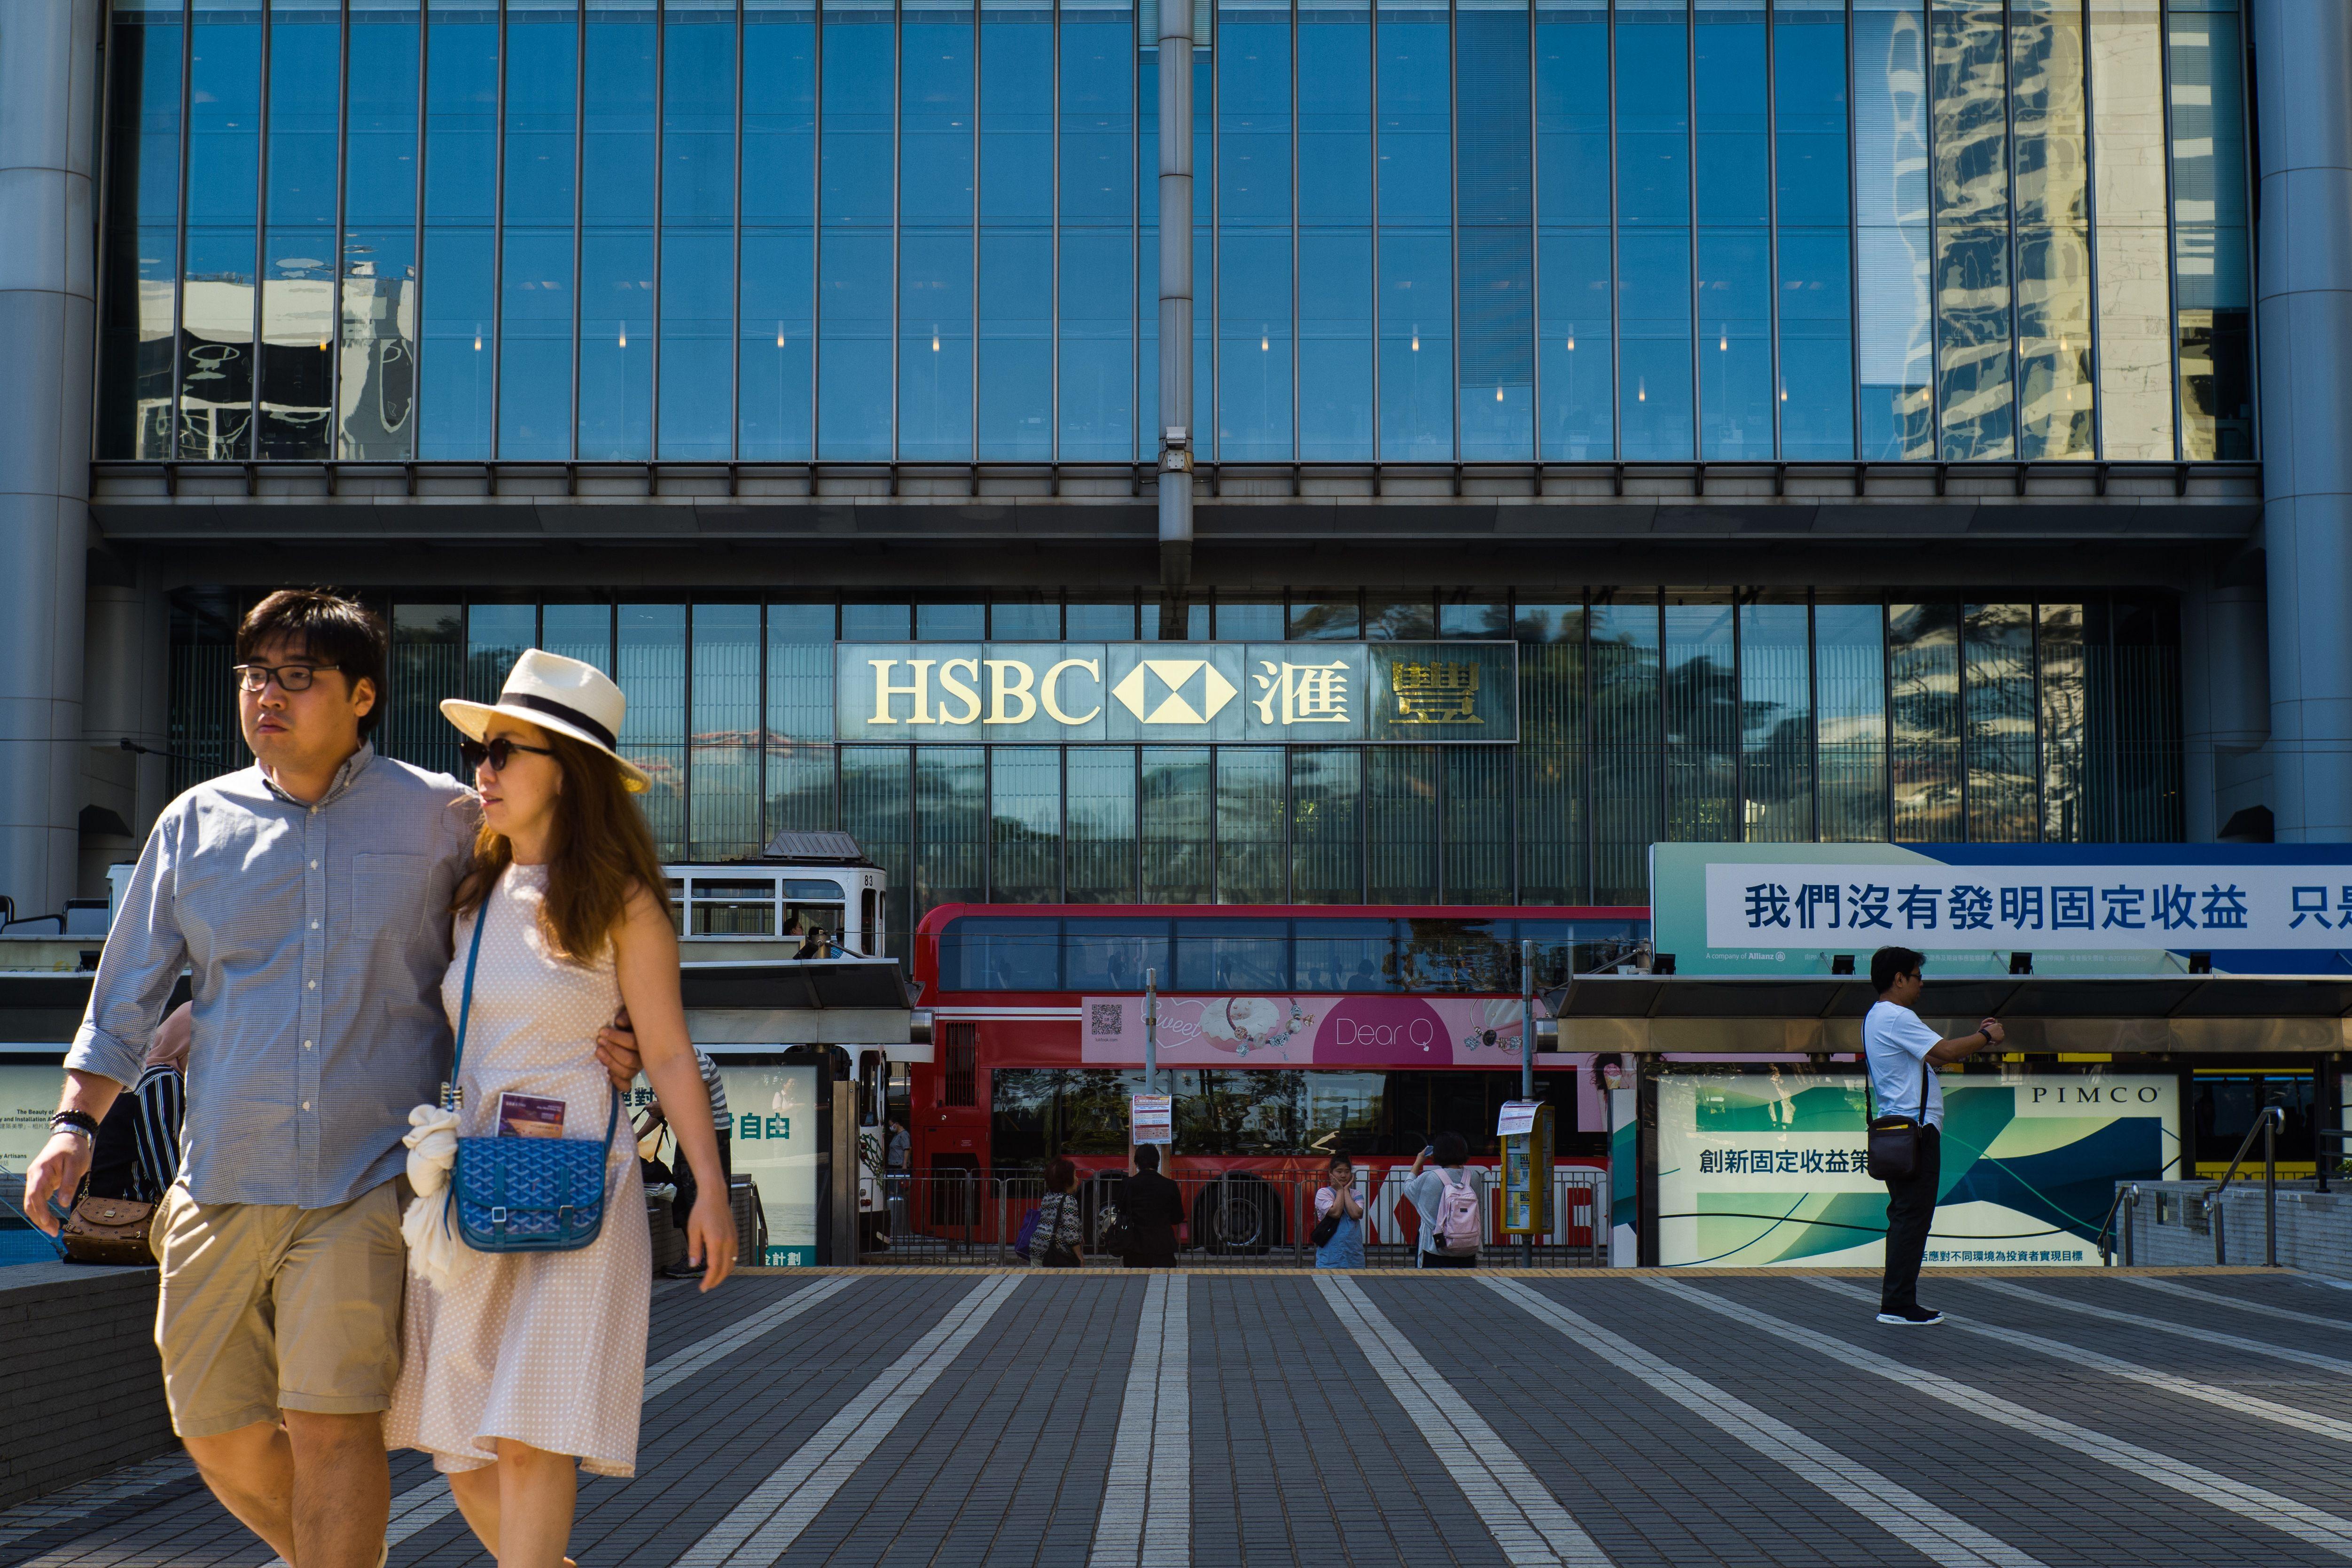 HONG KONG-HSBC-RESULTS